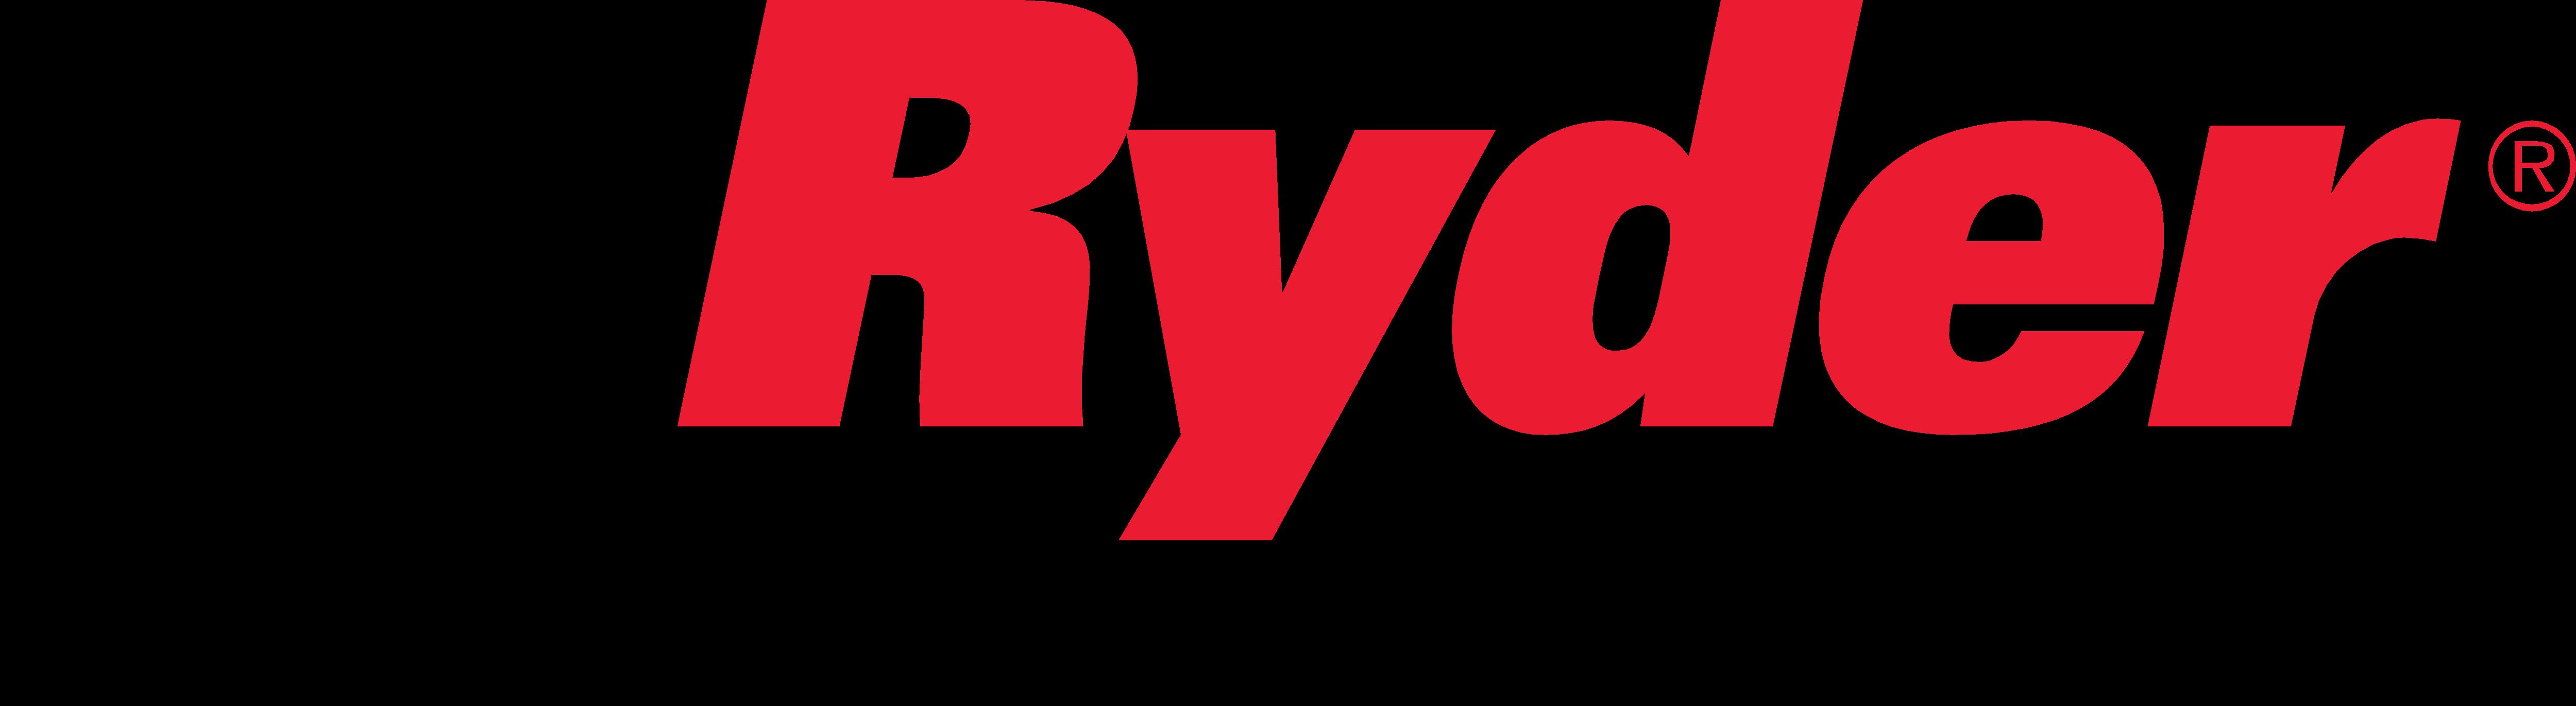 Ryder – Logos Download